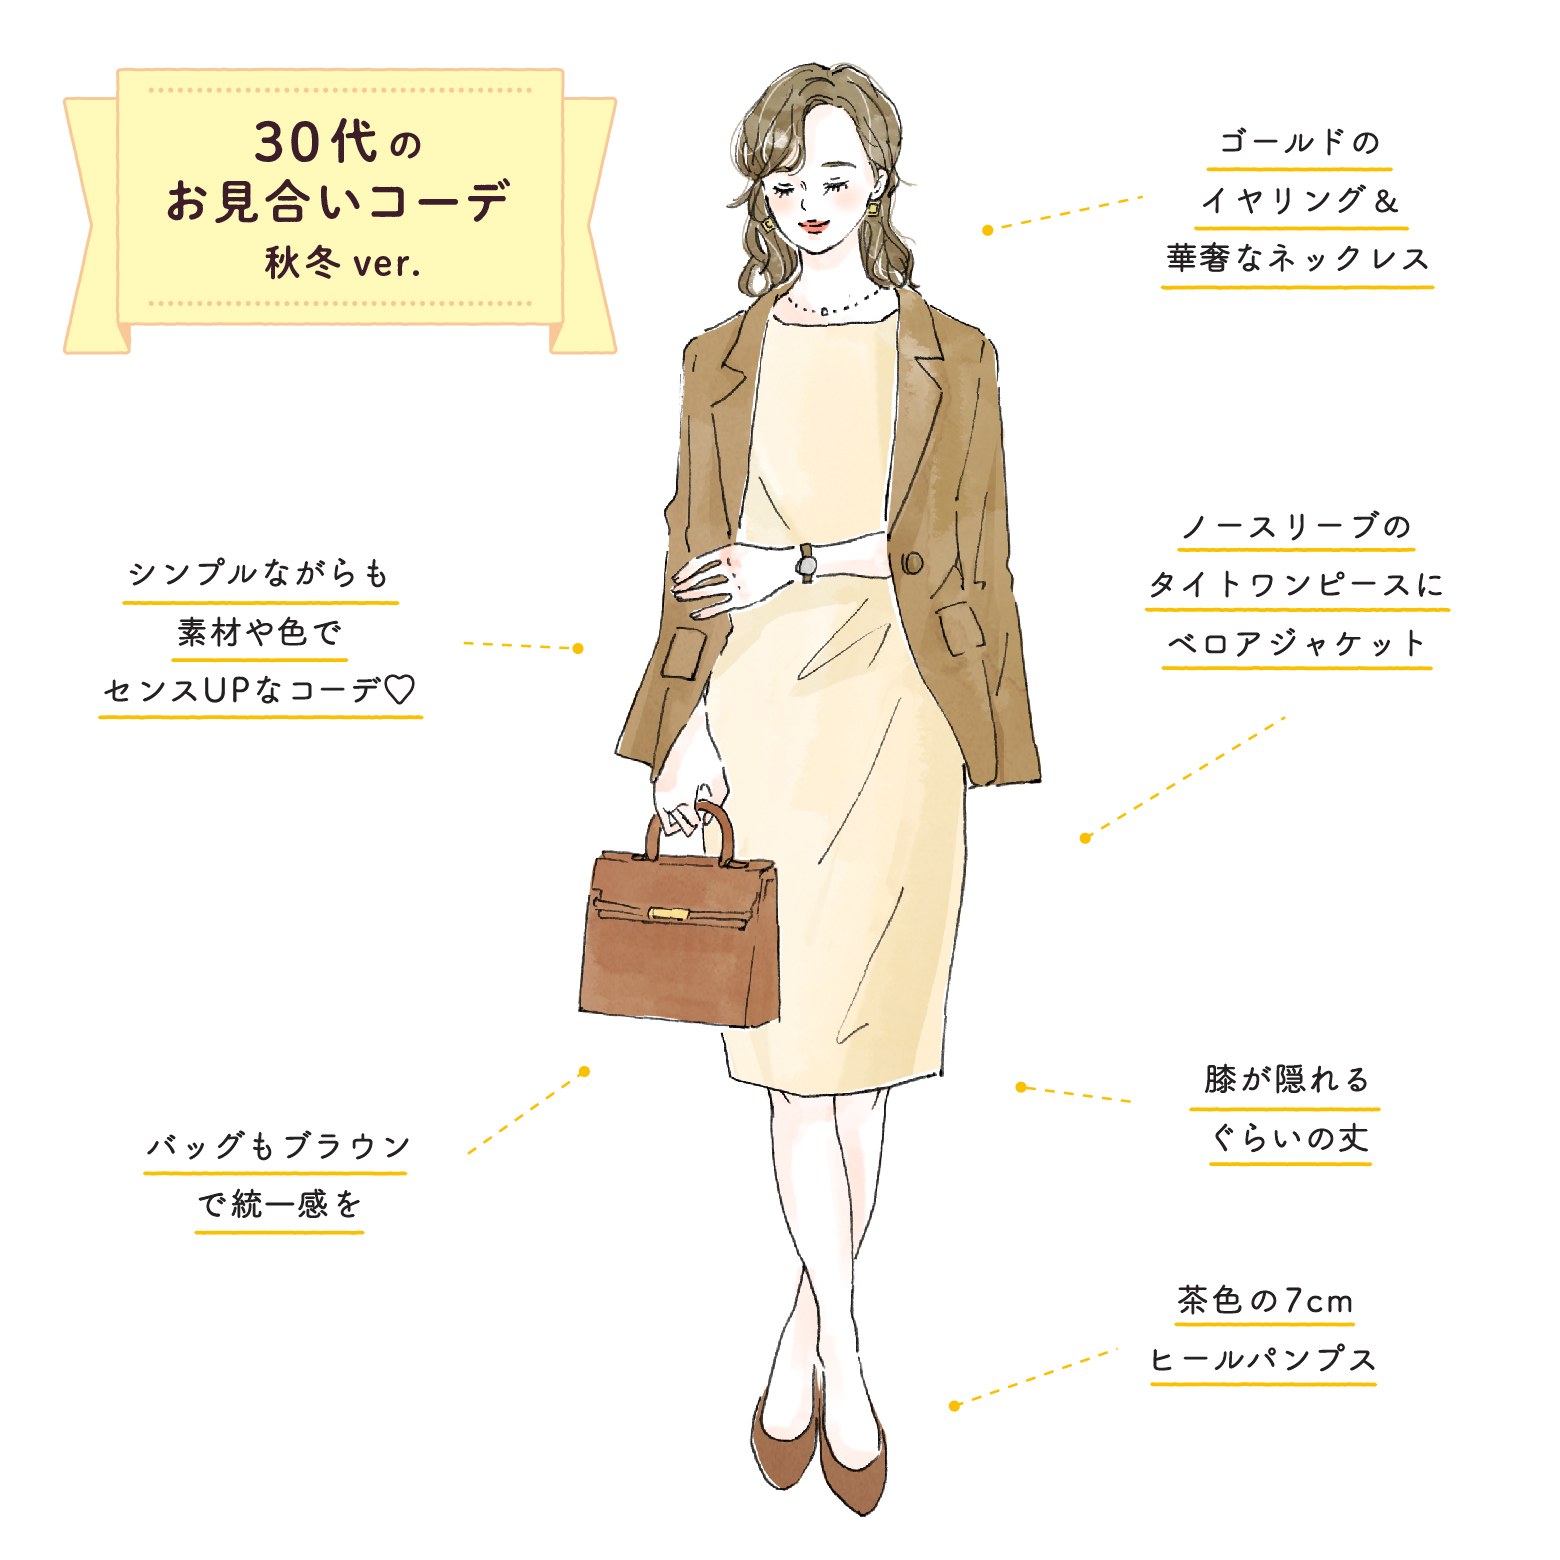 30代女性のお見合いの服装【秋冬】